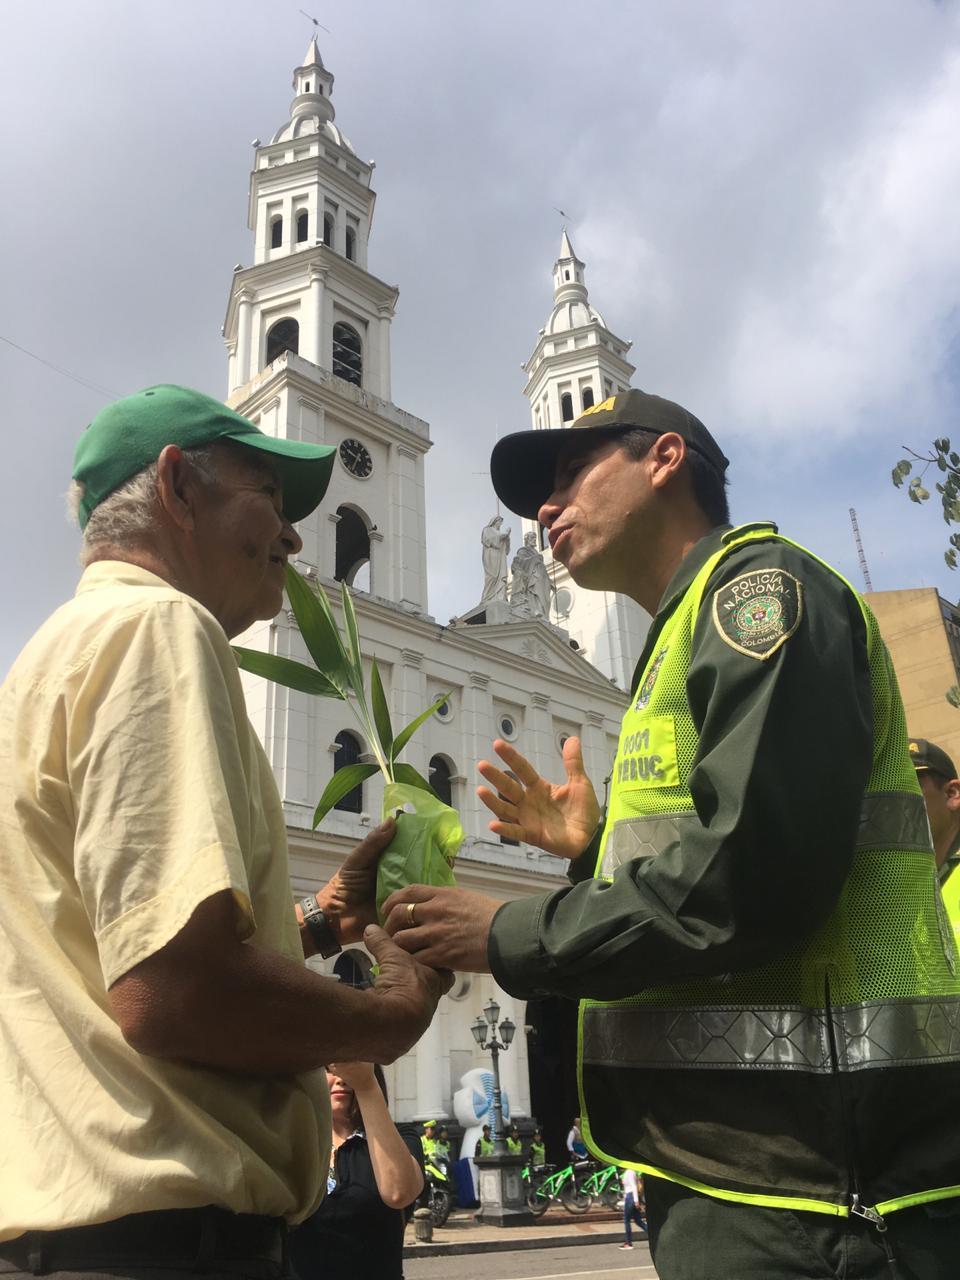 Refuerzan seguridad en el Área para Semana Santa  | EL FRENTE